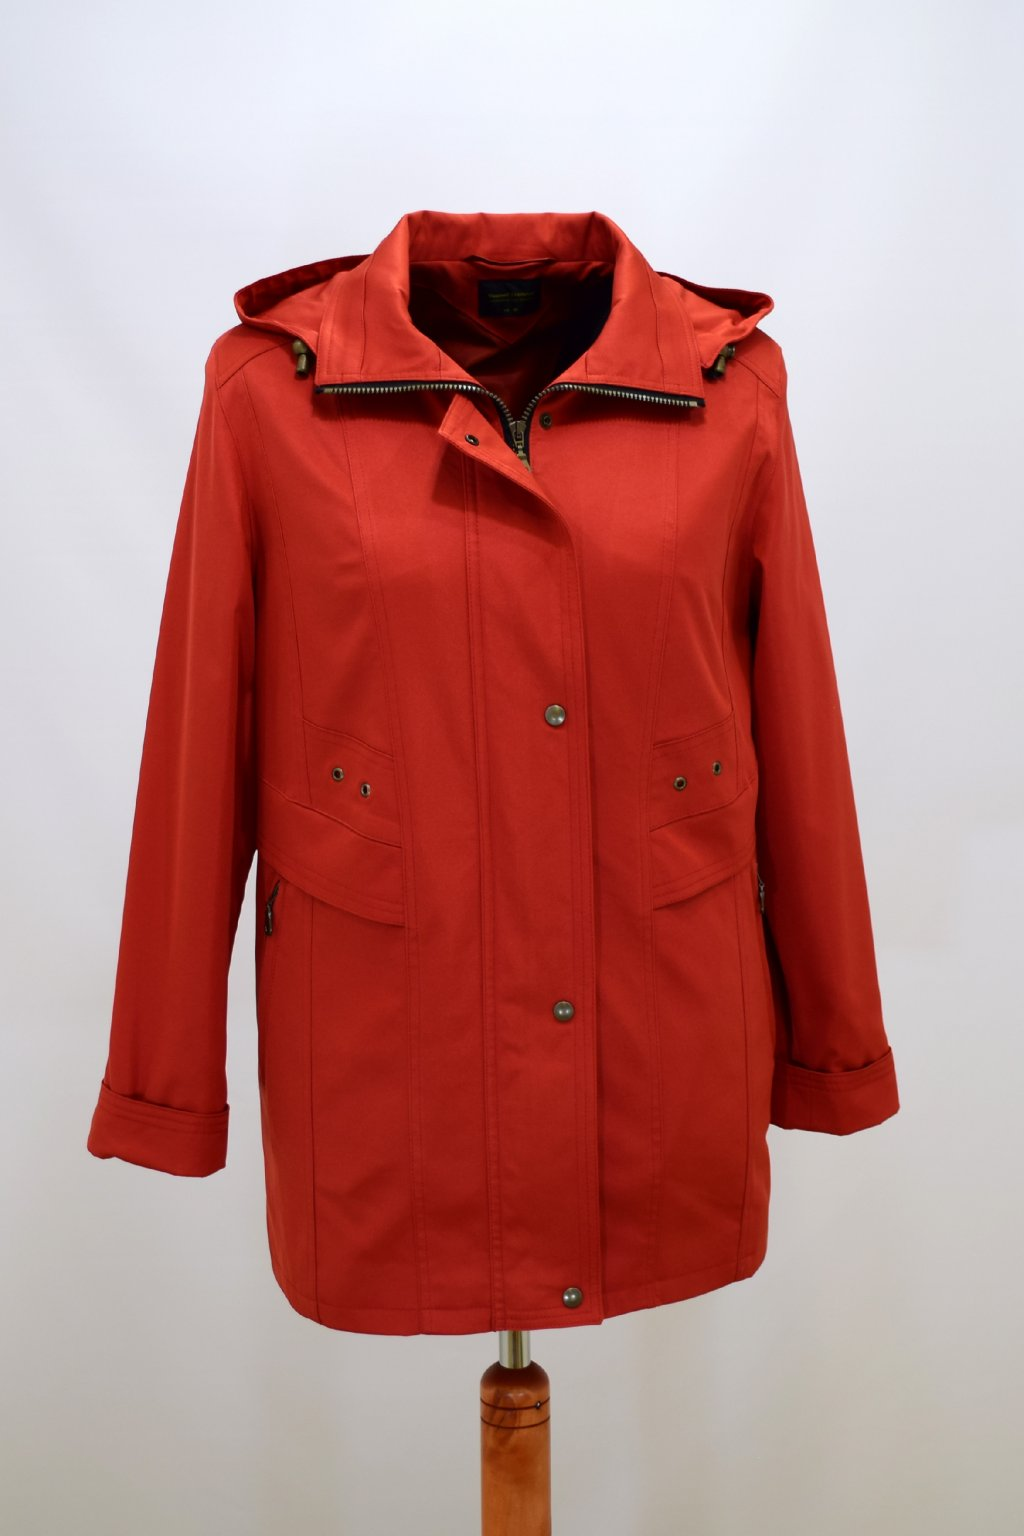 Dámská oranžová jarní bunda Helena nadměrné velikosti.